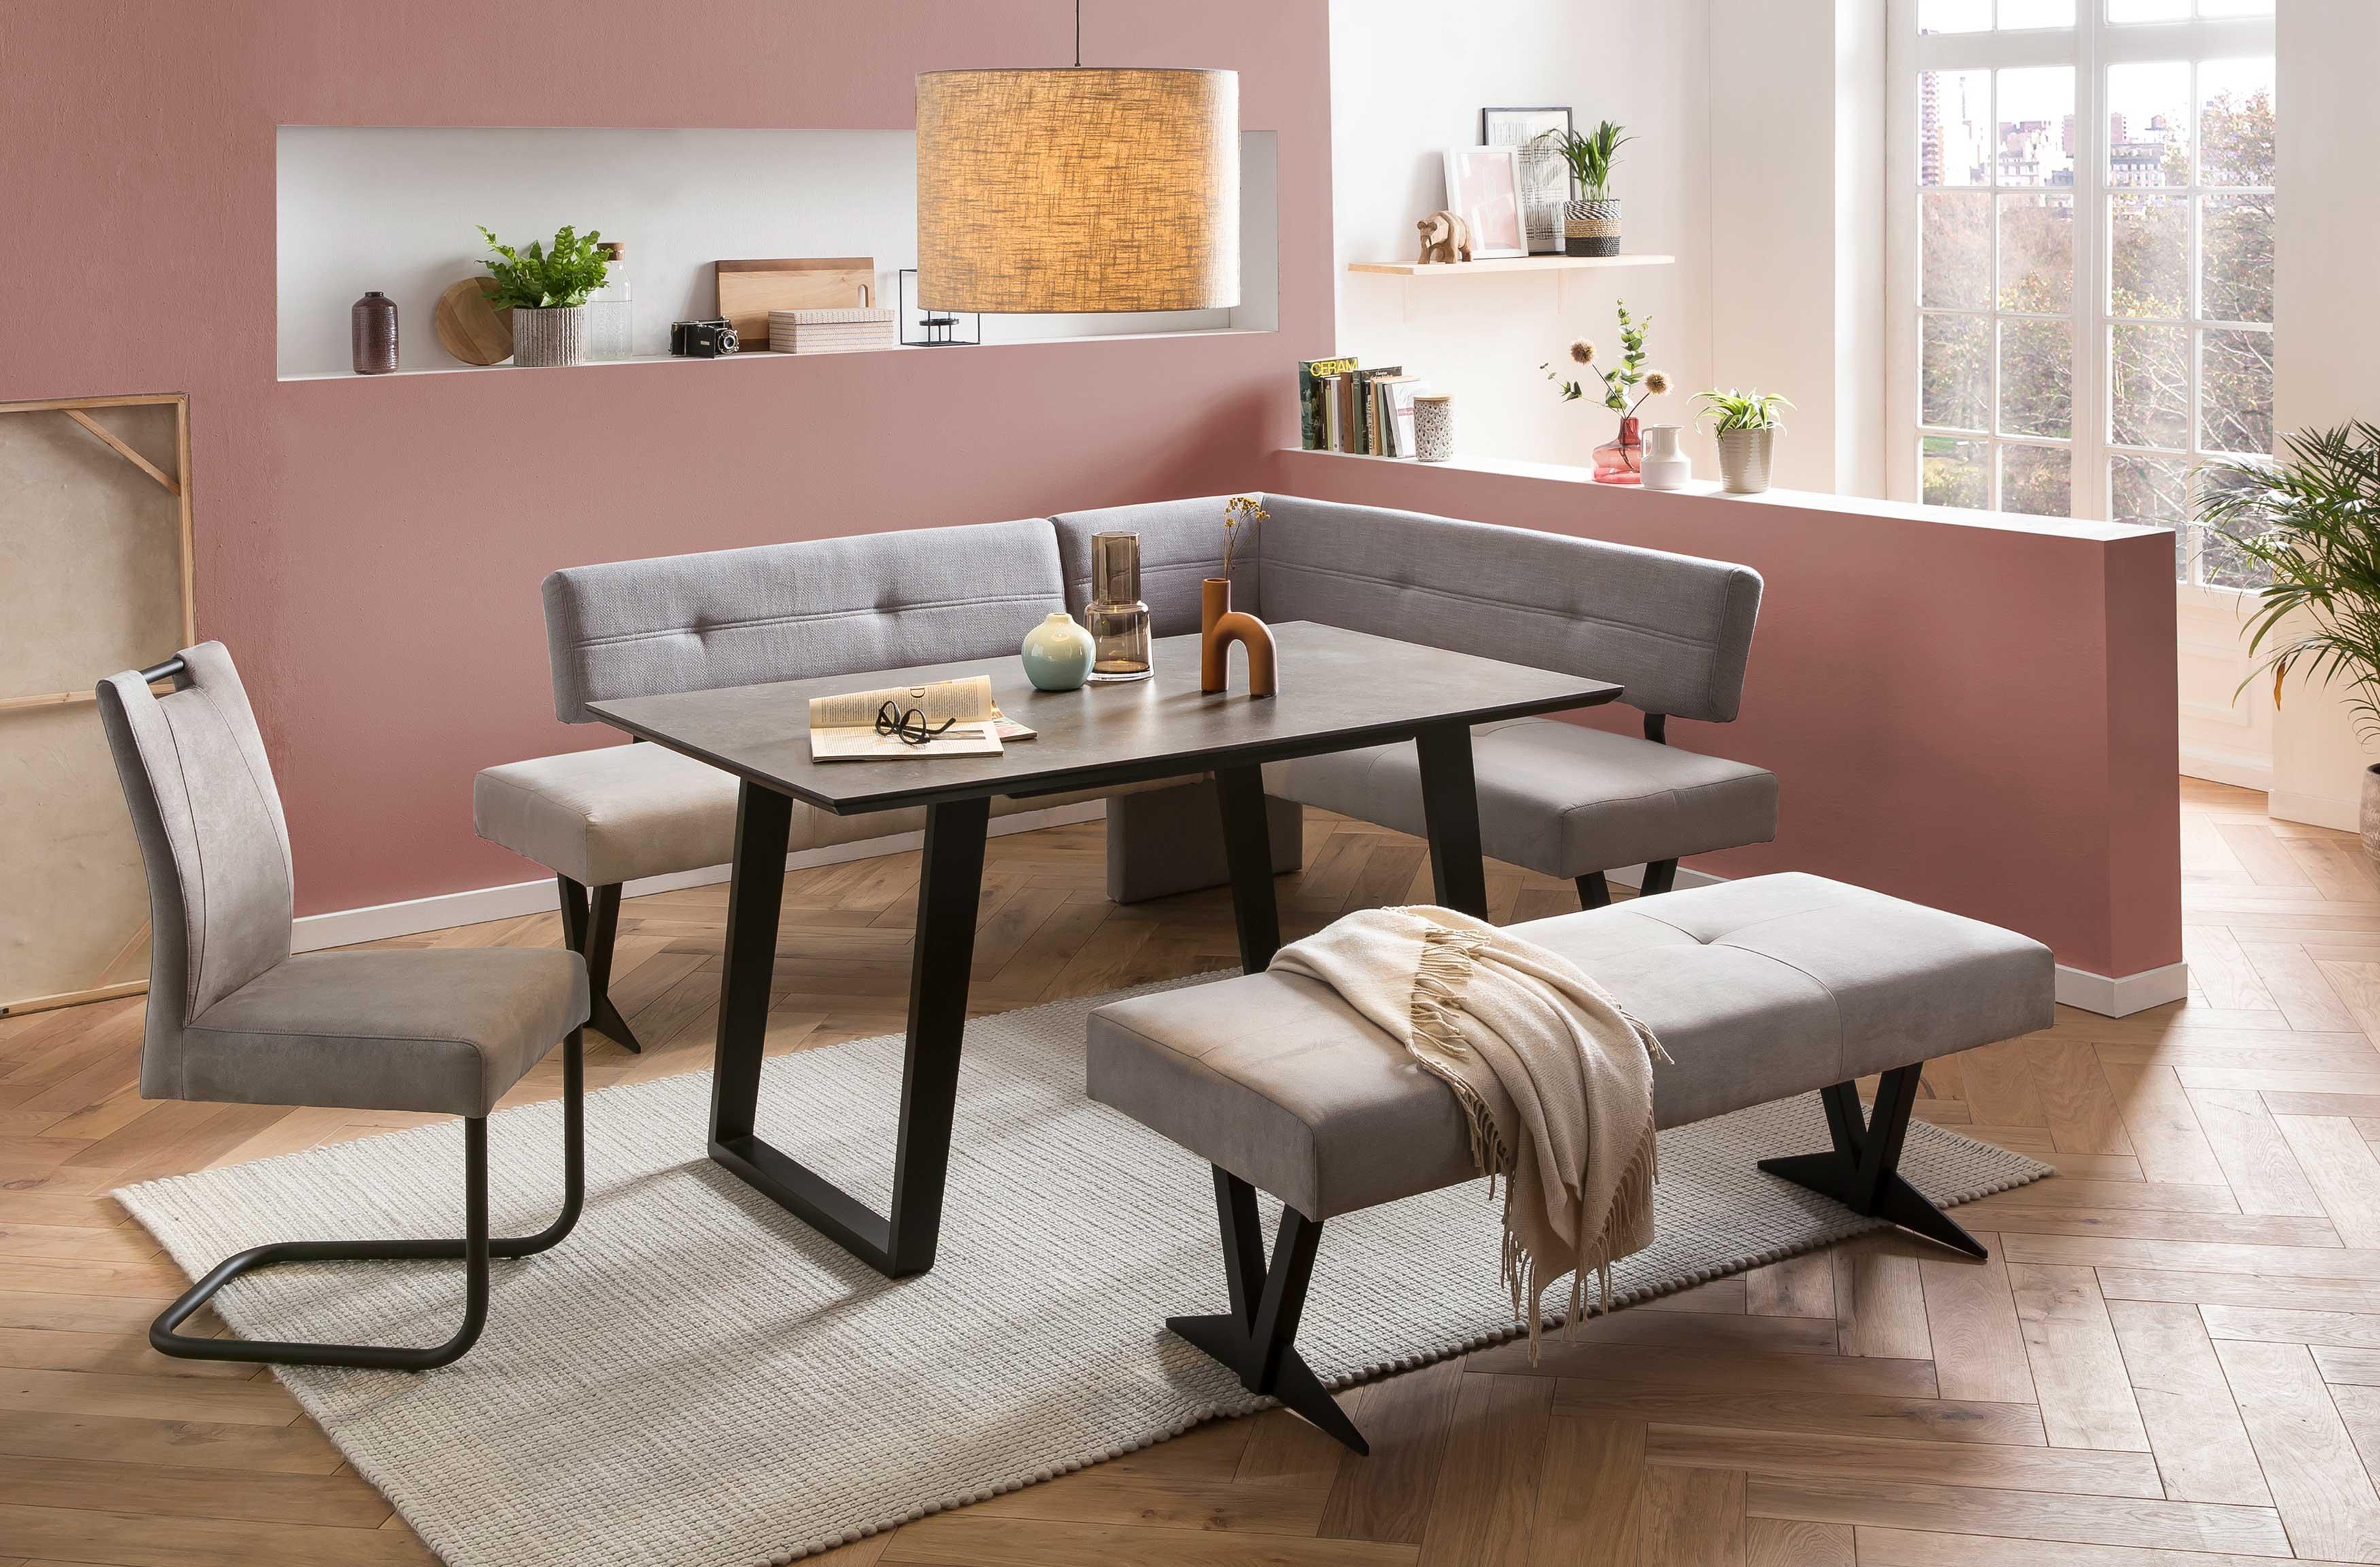 Standard Furniture moderne Eckbankgruppe Sant Etienne mit Dekton Tisch